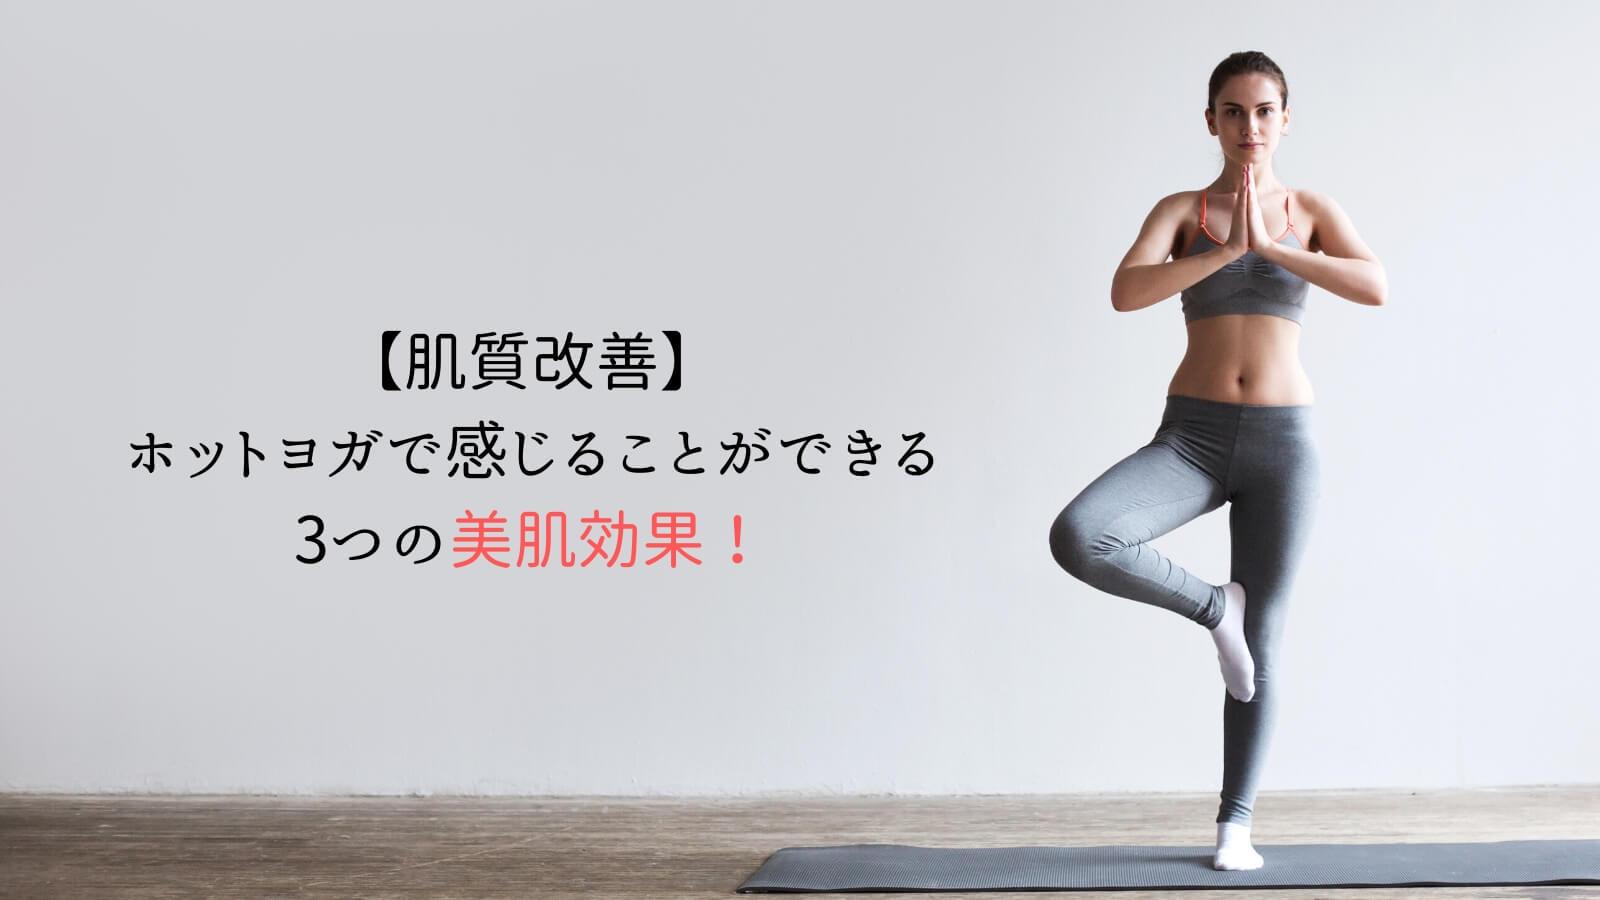 【肌質改善】ホットヨガで感じることができる3つの美肌効果!